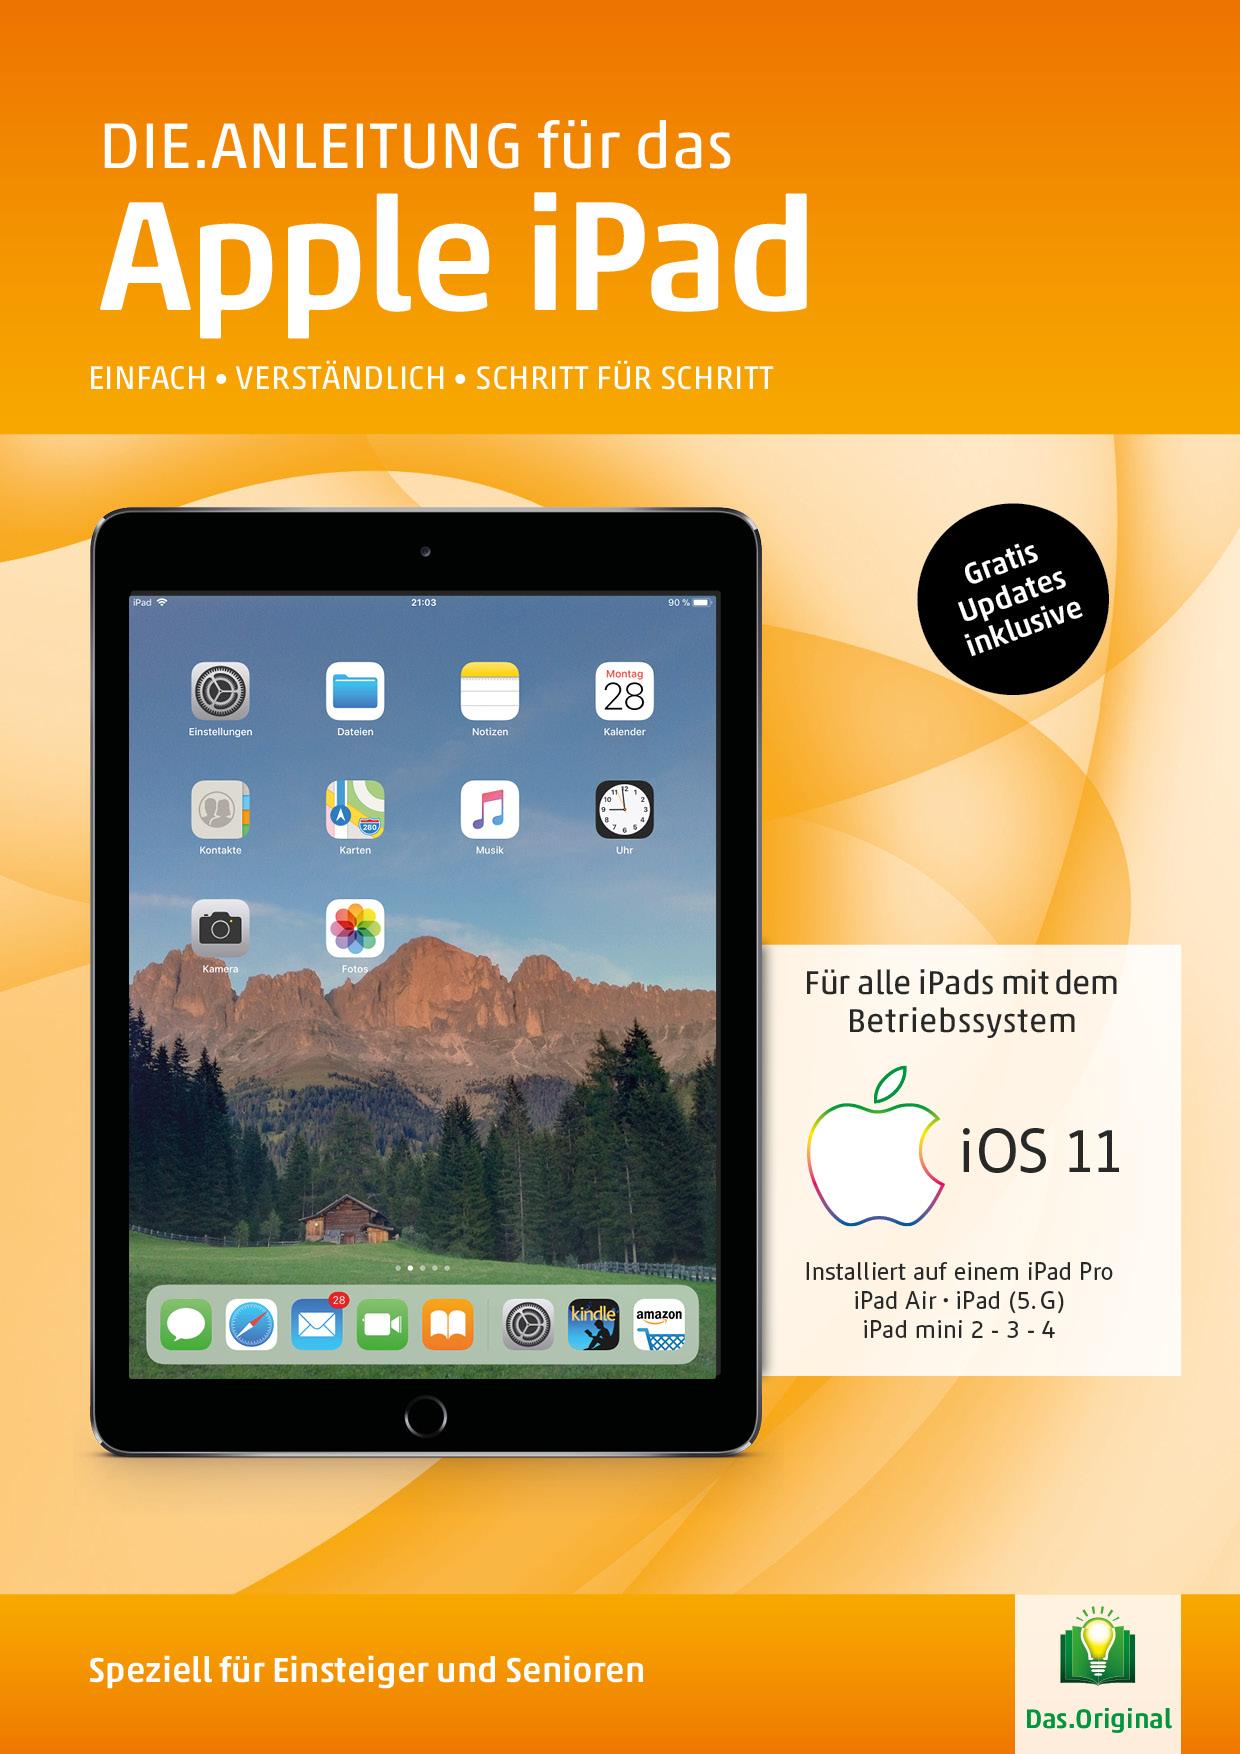 Die Anleitung für das iPad